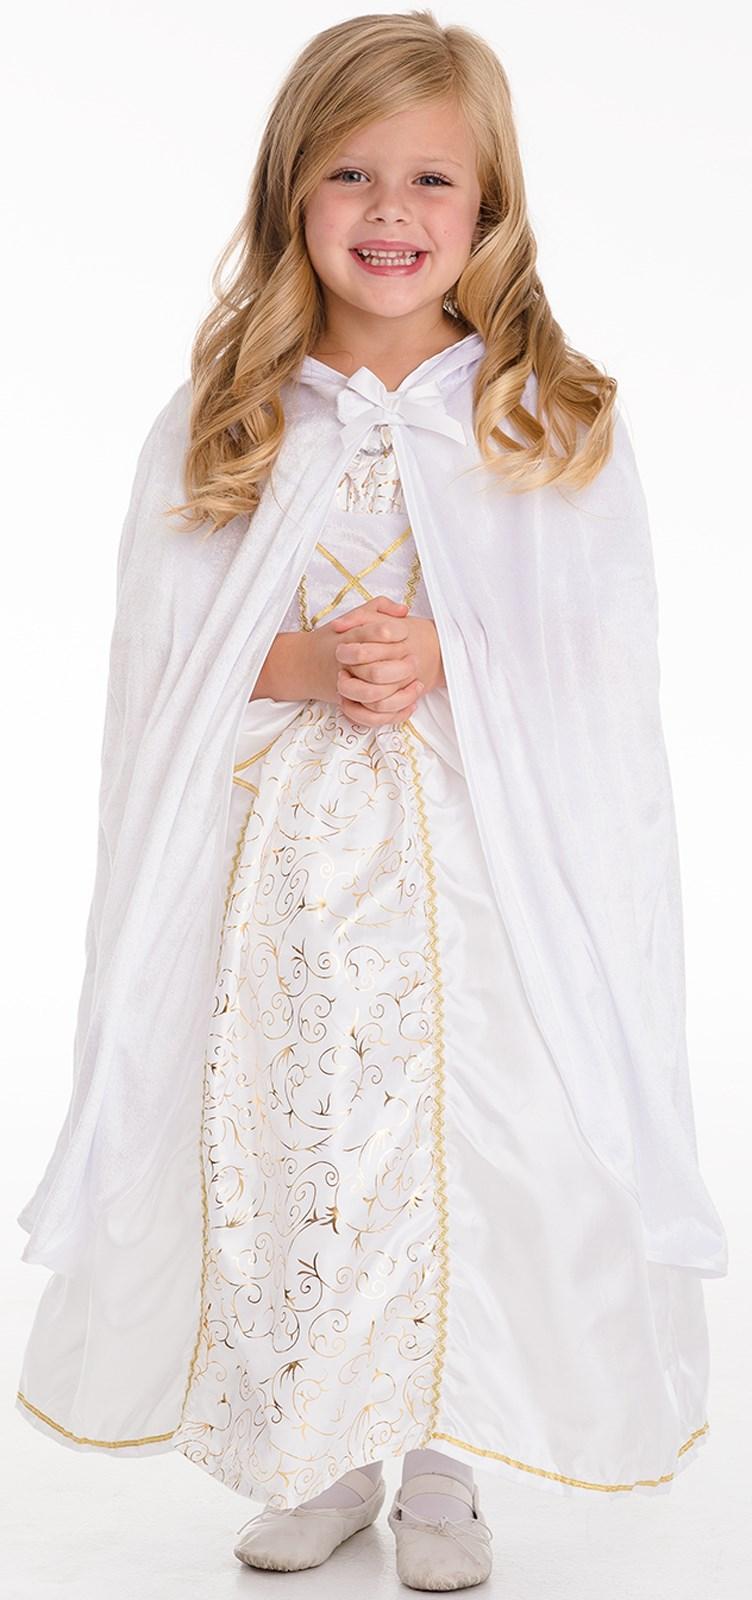 White Cloak For Girls